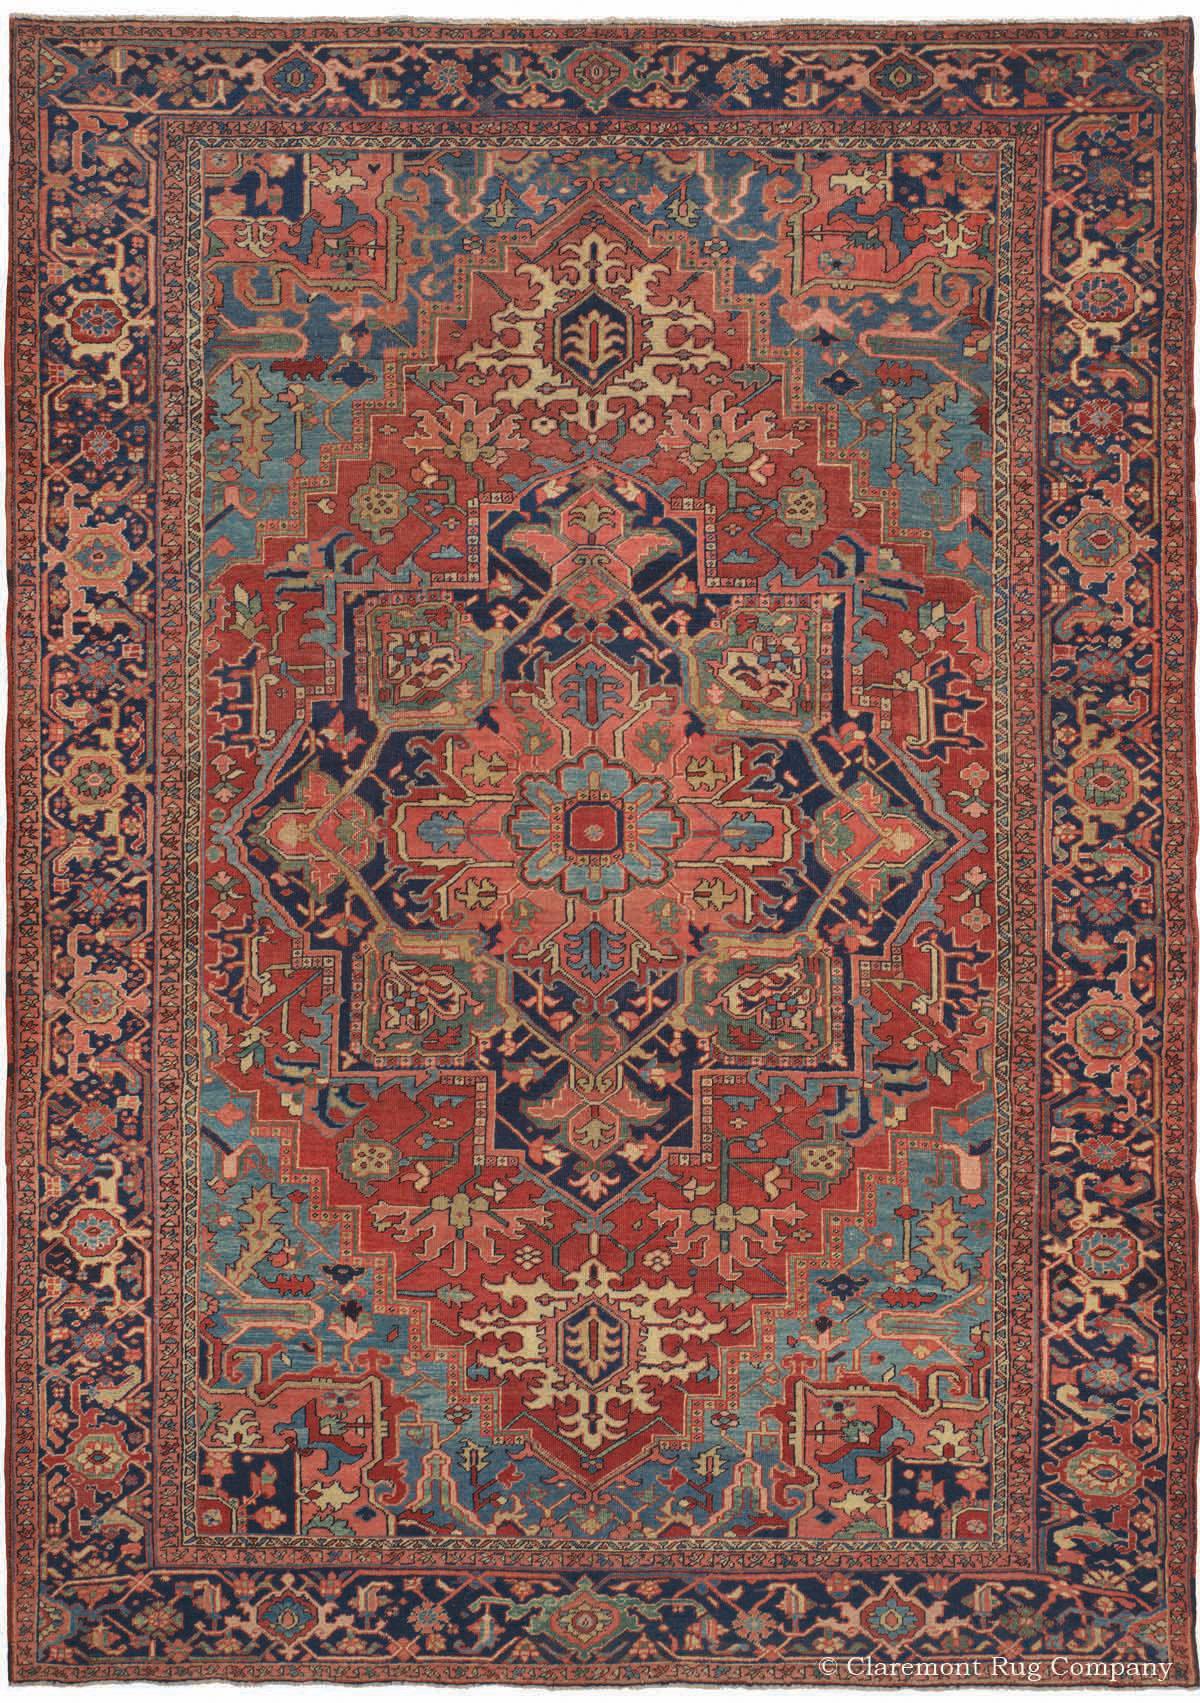 Serapi Heriz Northwest Persian Antique Rug Claremont